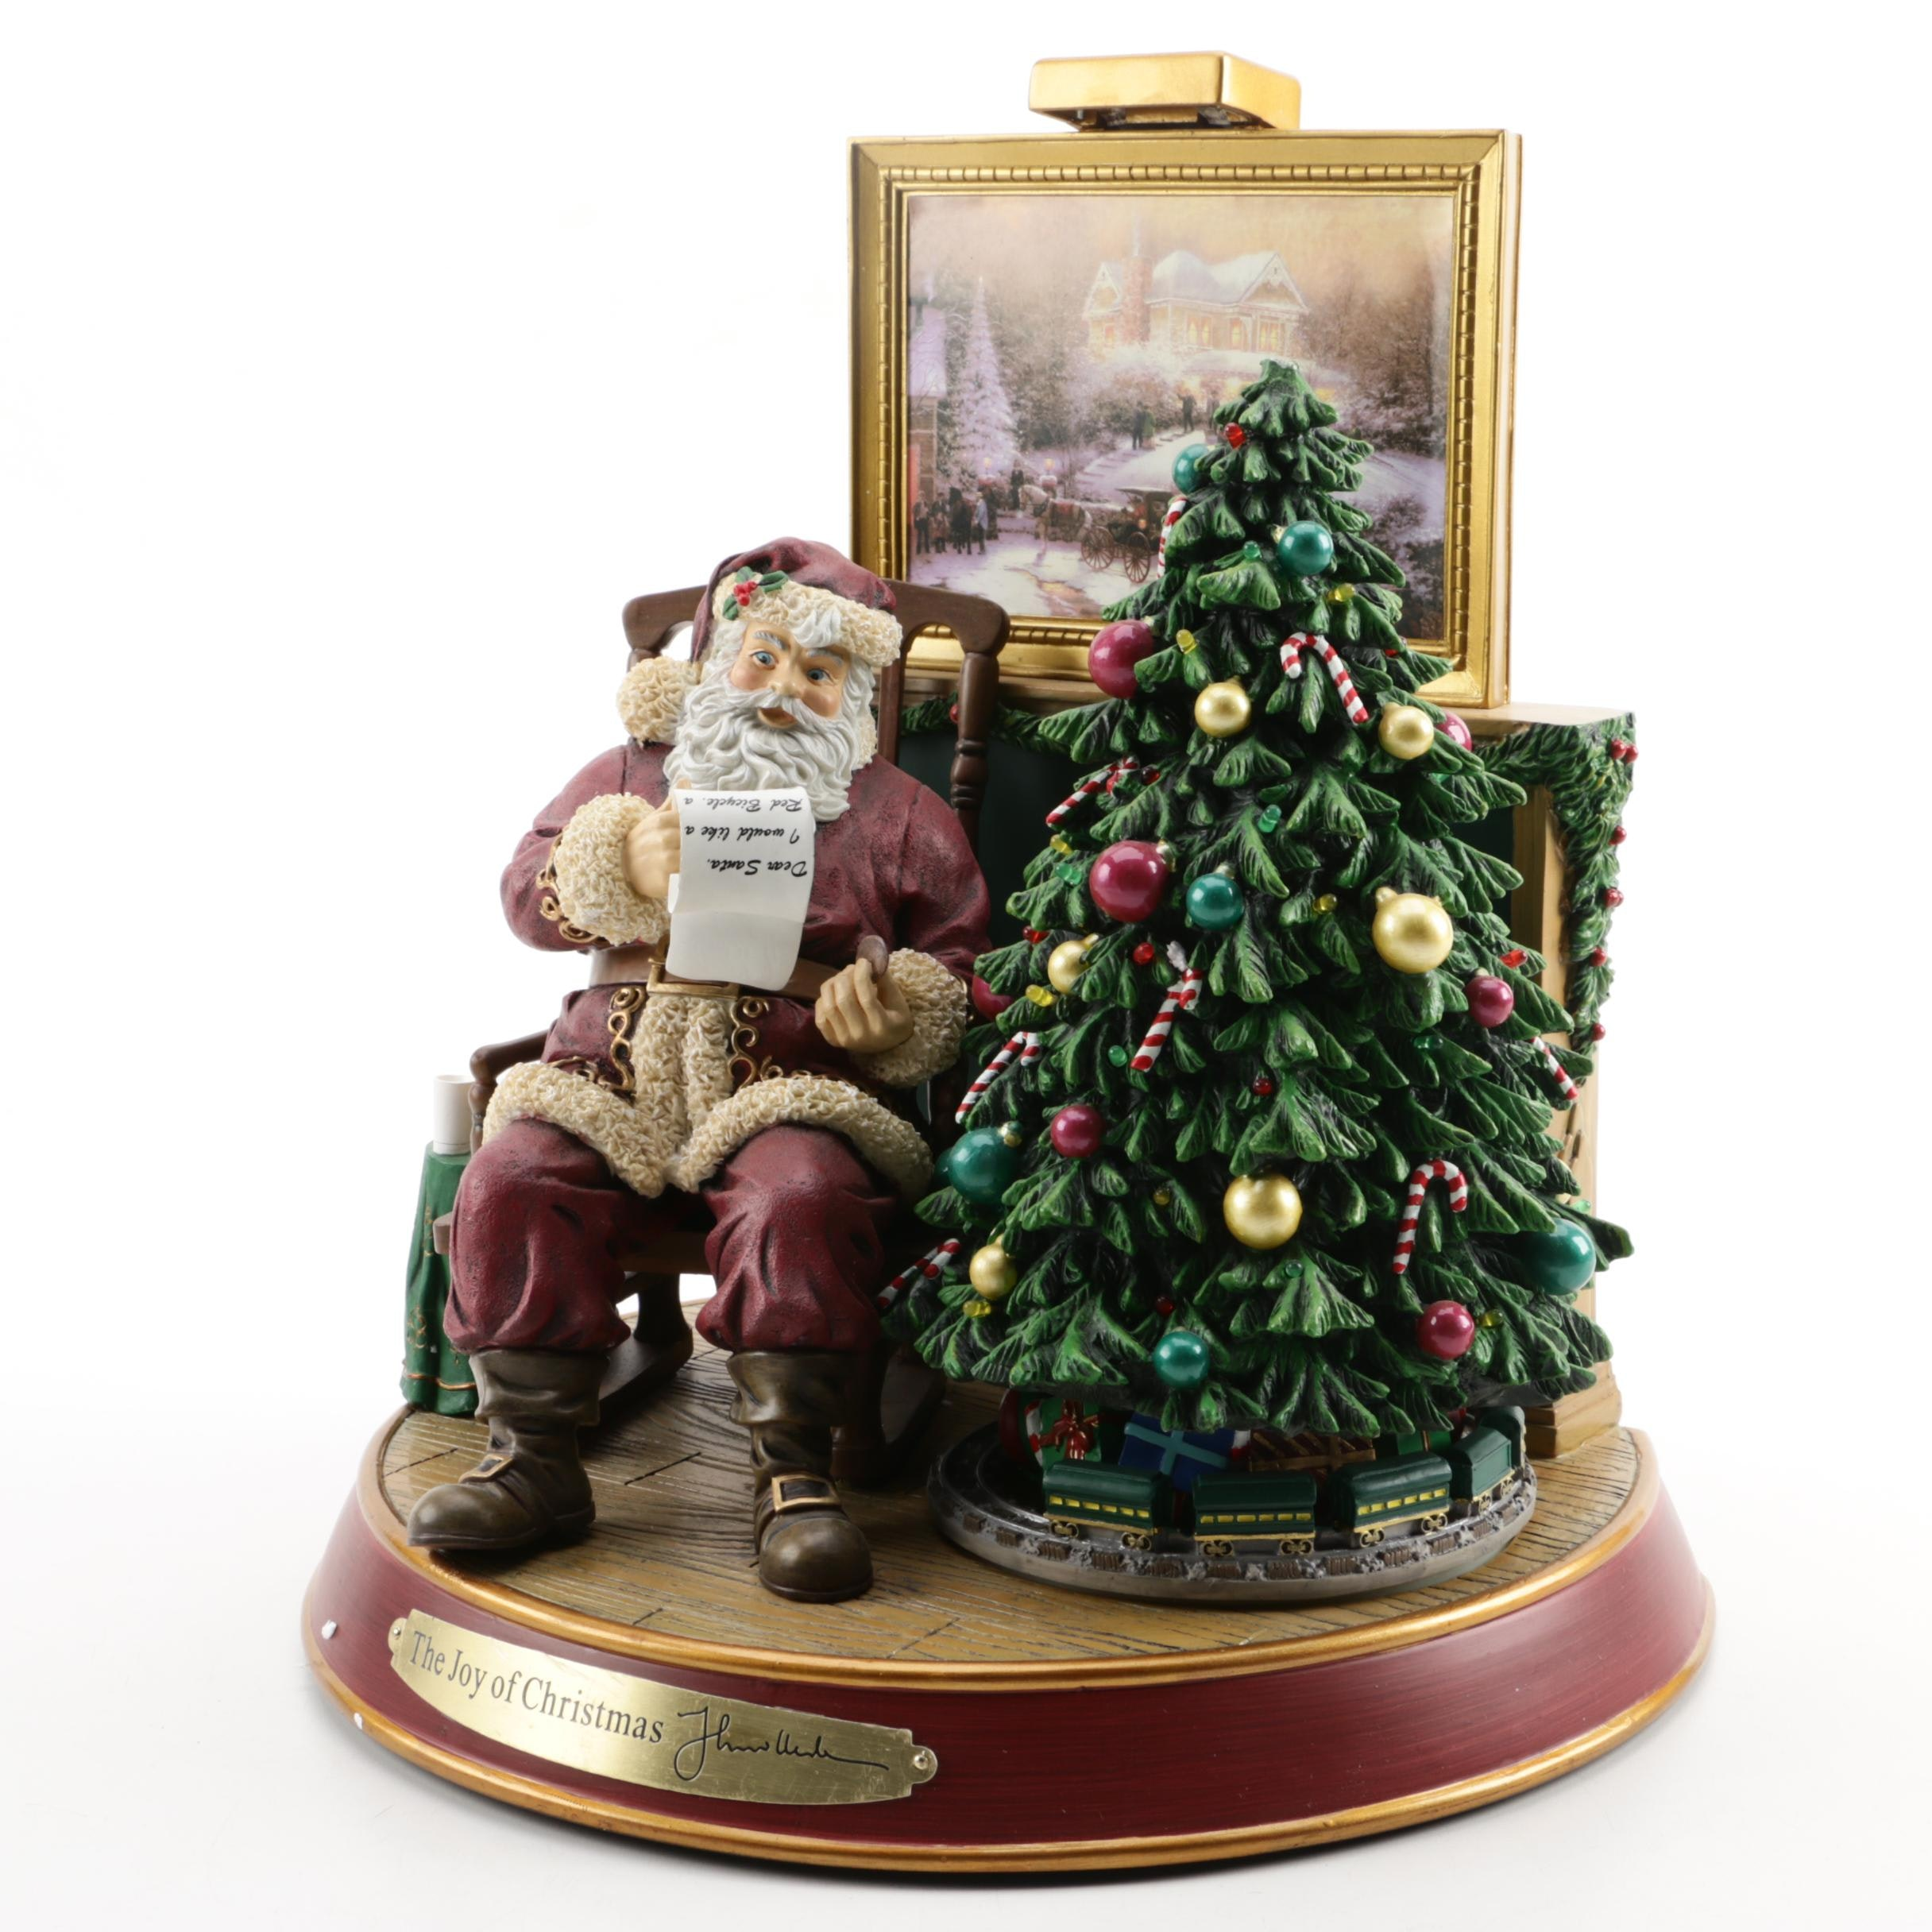 """Thomas Kinkade """"The Joy of Christmas"""" Santa Figurine"""